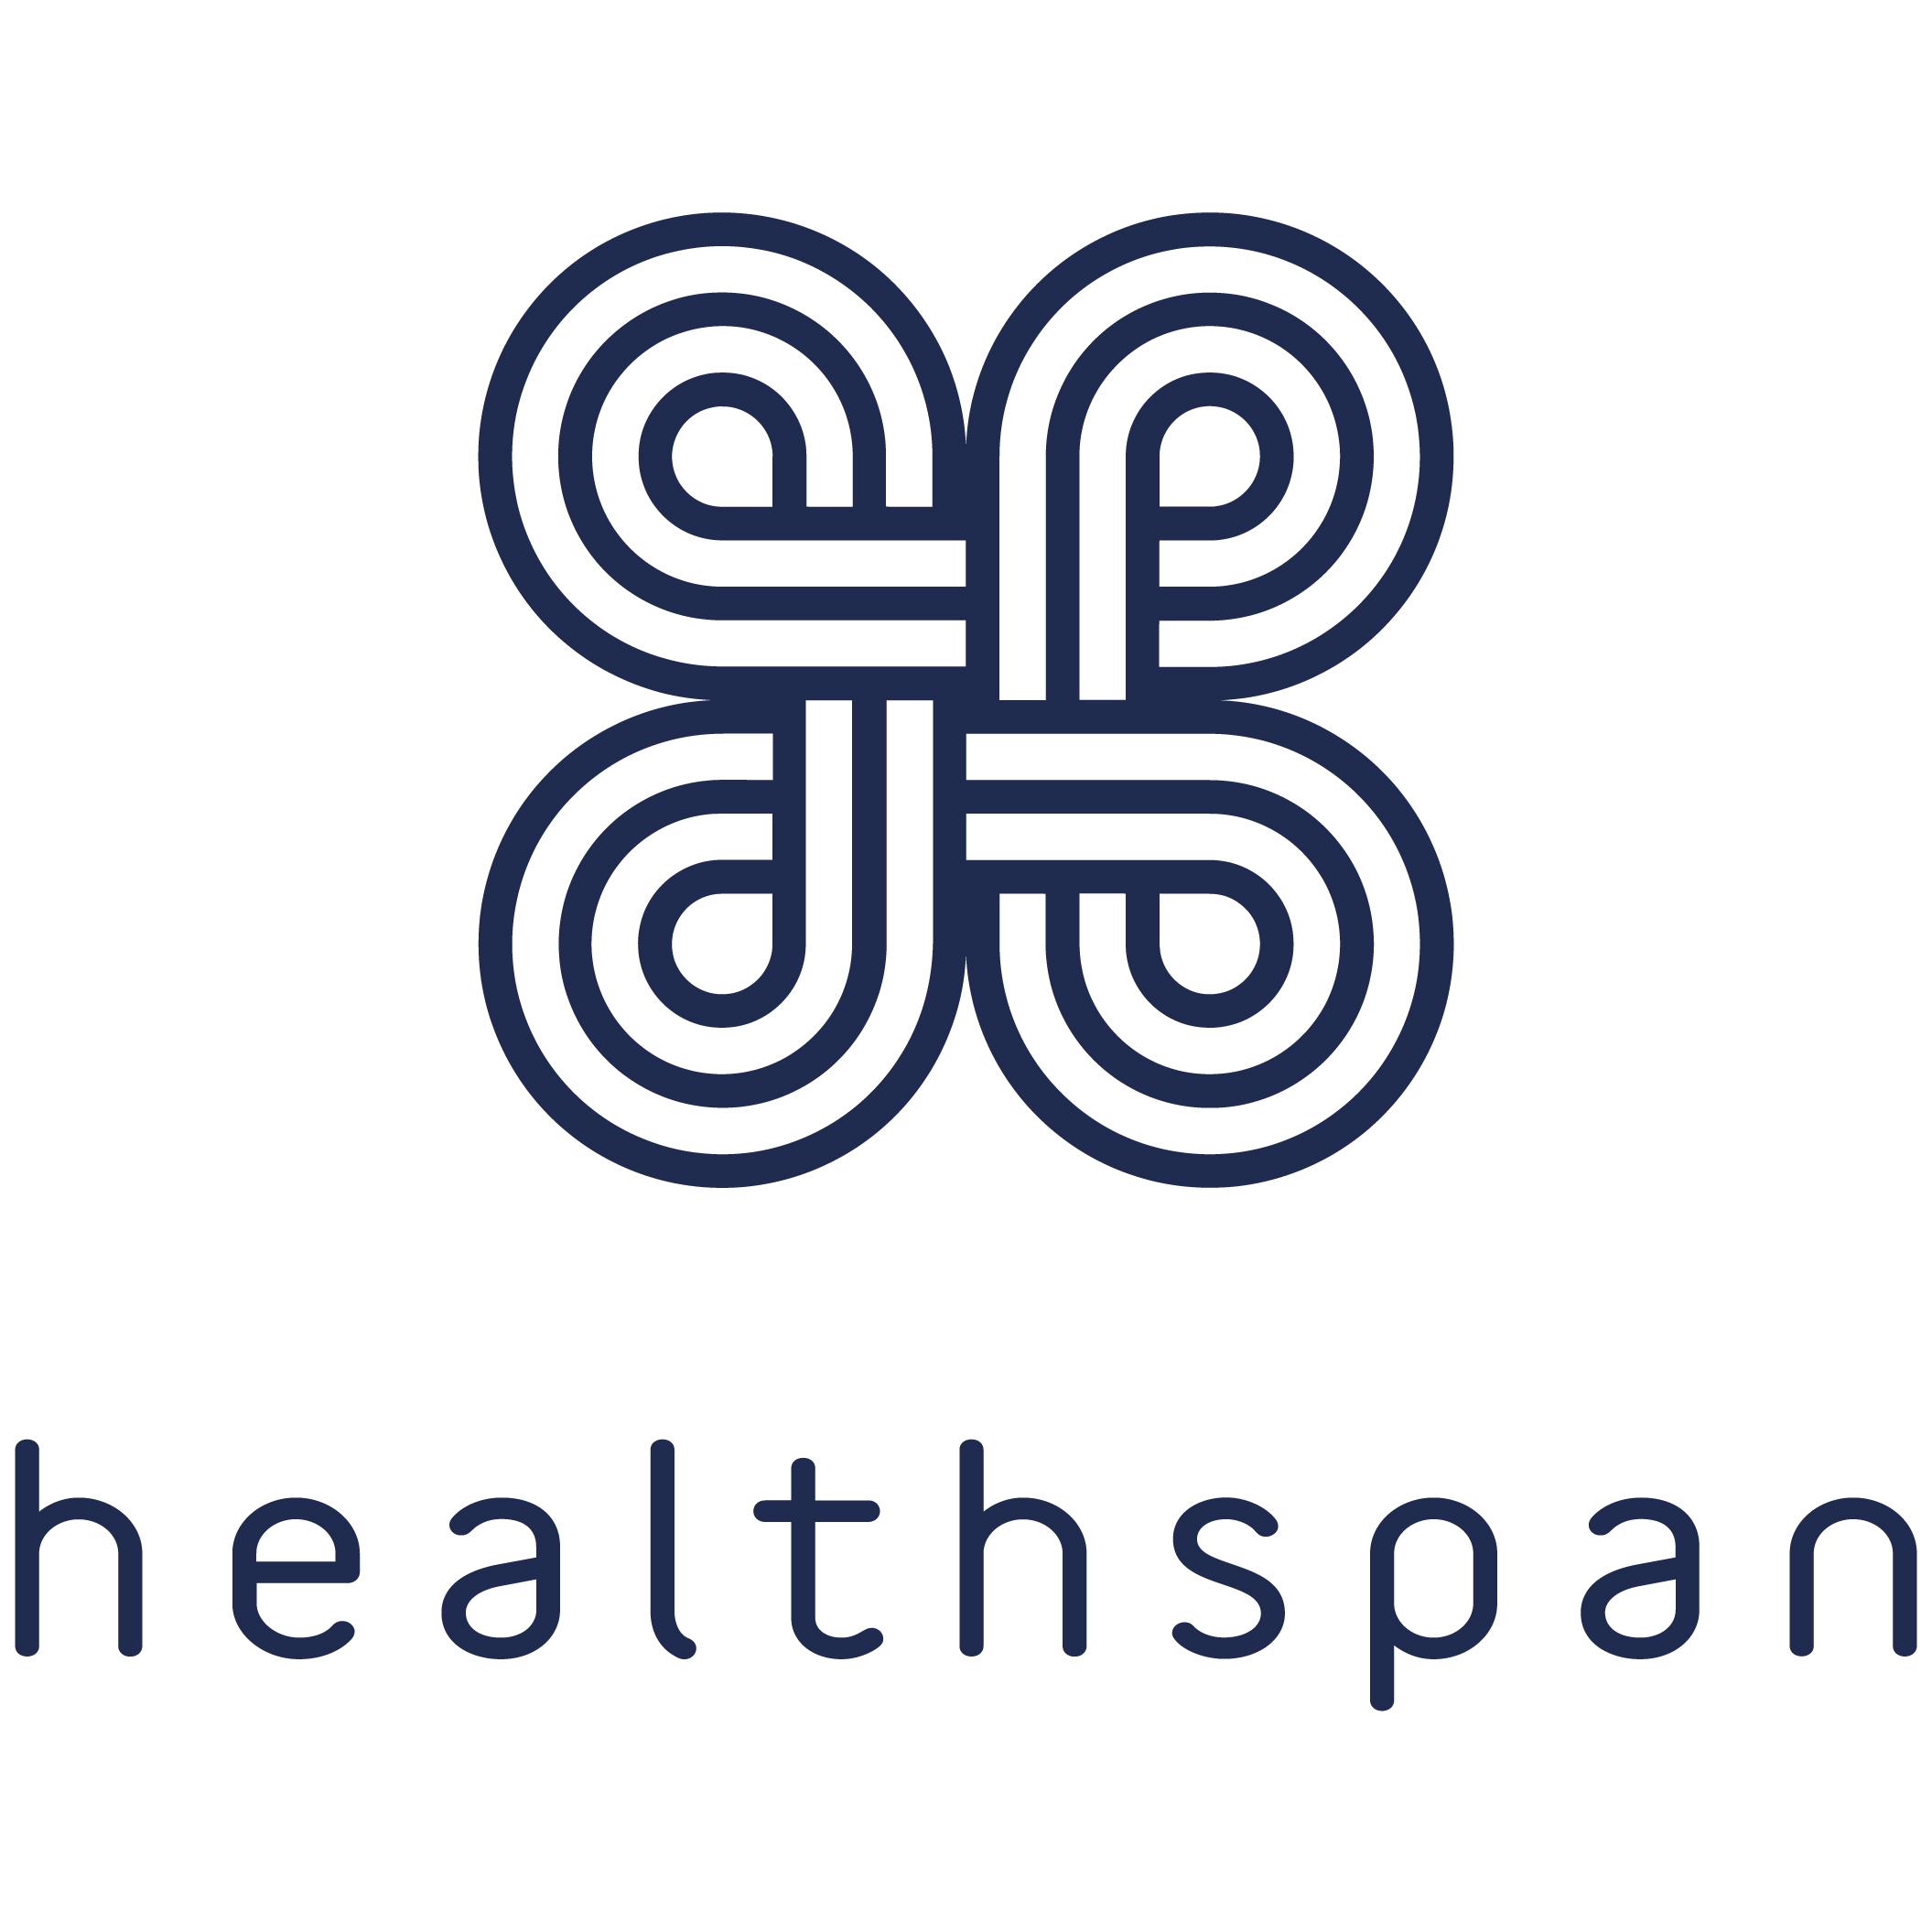 Shop Healthspan